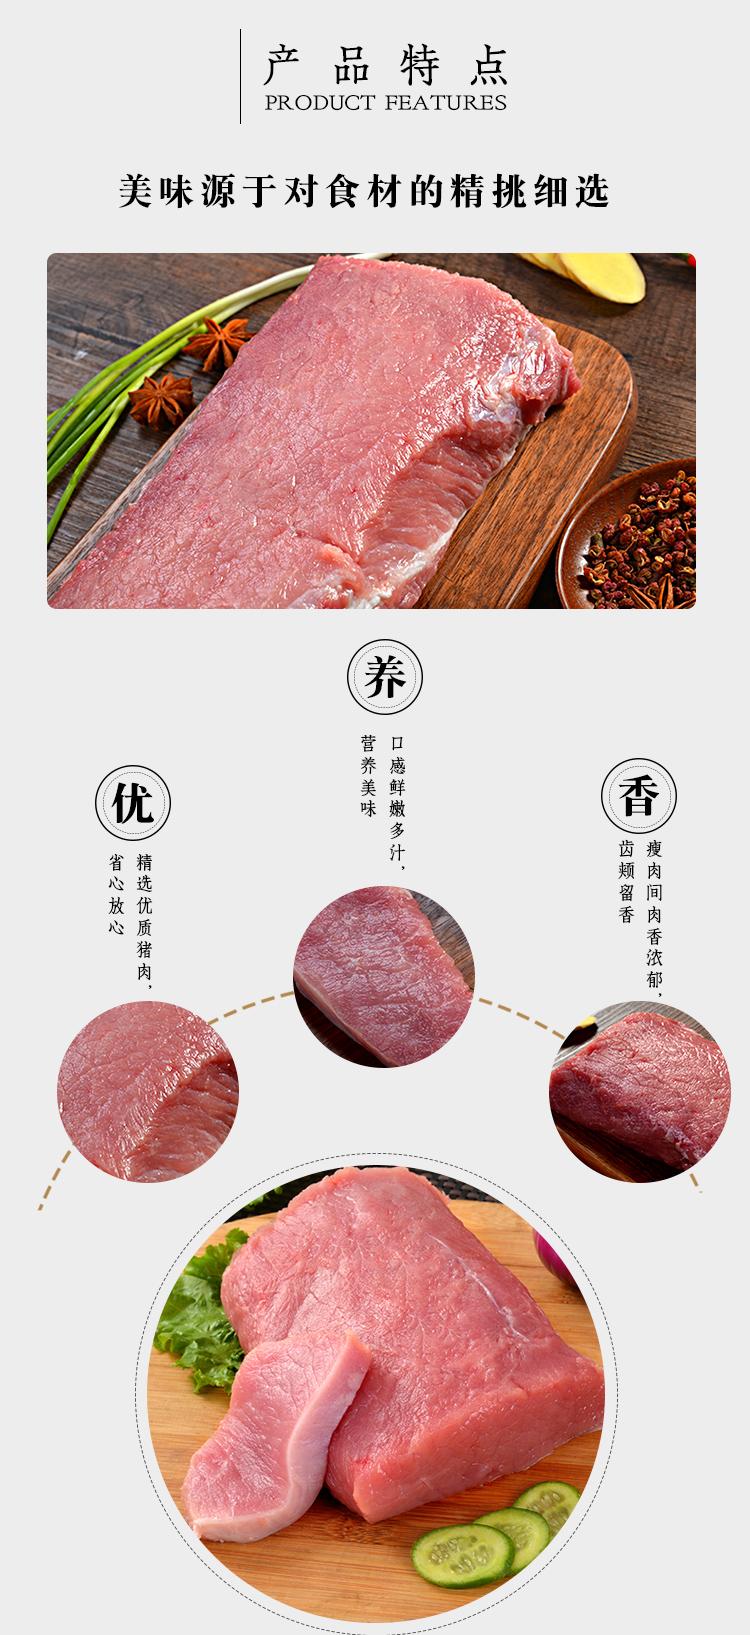 金锣 猪里脊肉500g 猪通脊猪柳肉猪里脊宝宝铺食 猪肉脯猪肉干猪肉松原料 国产猪肉生鲜